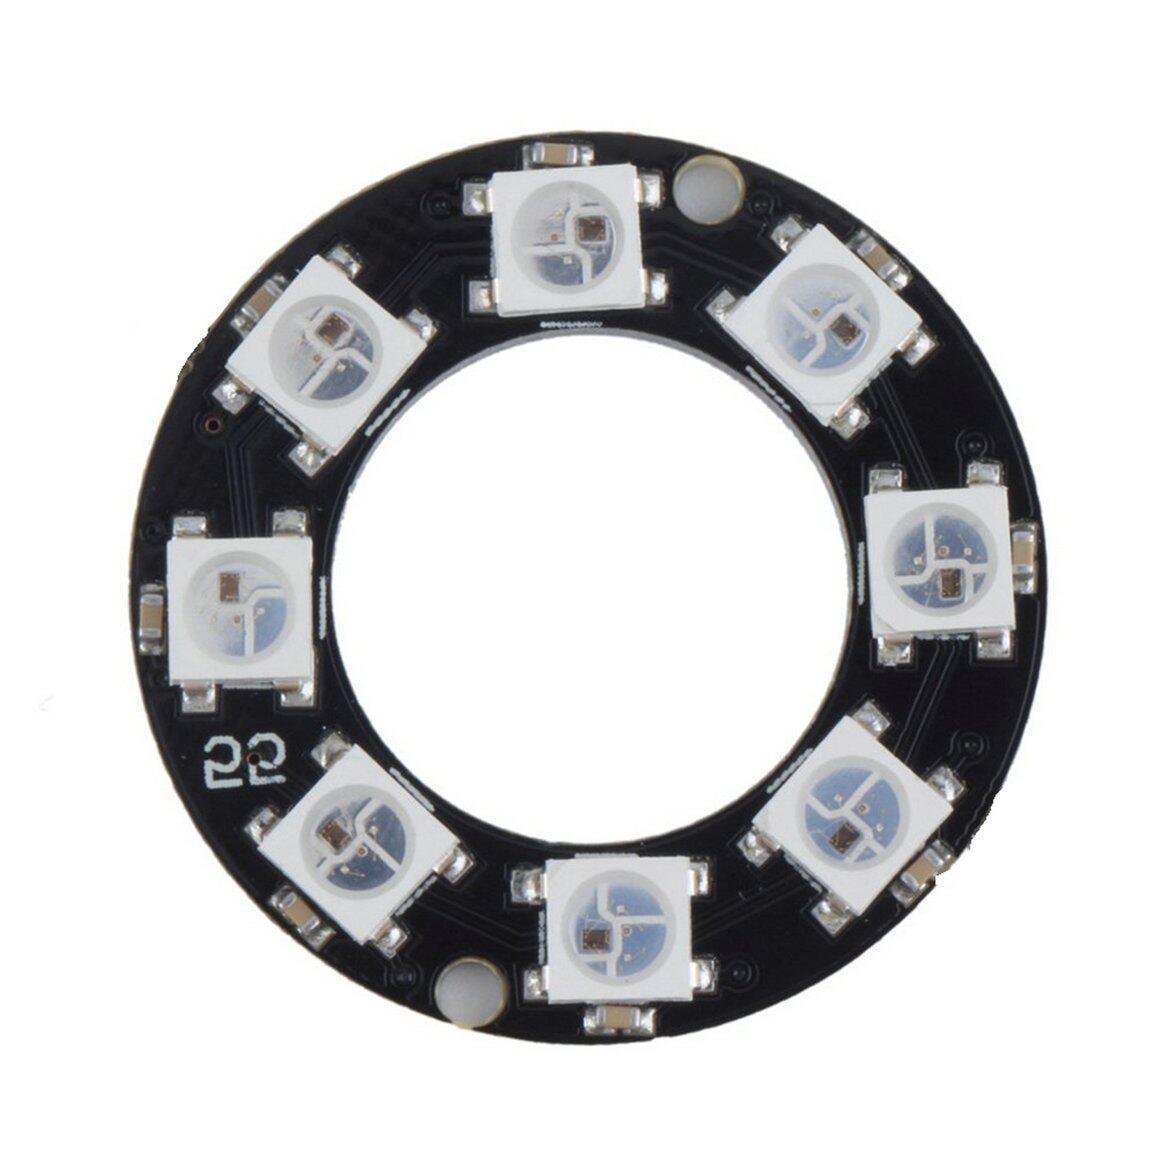 Vòng LED RGB bán chạy nhất WS2812 5050 RGB LED cho Arduino